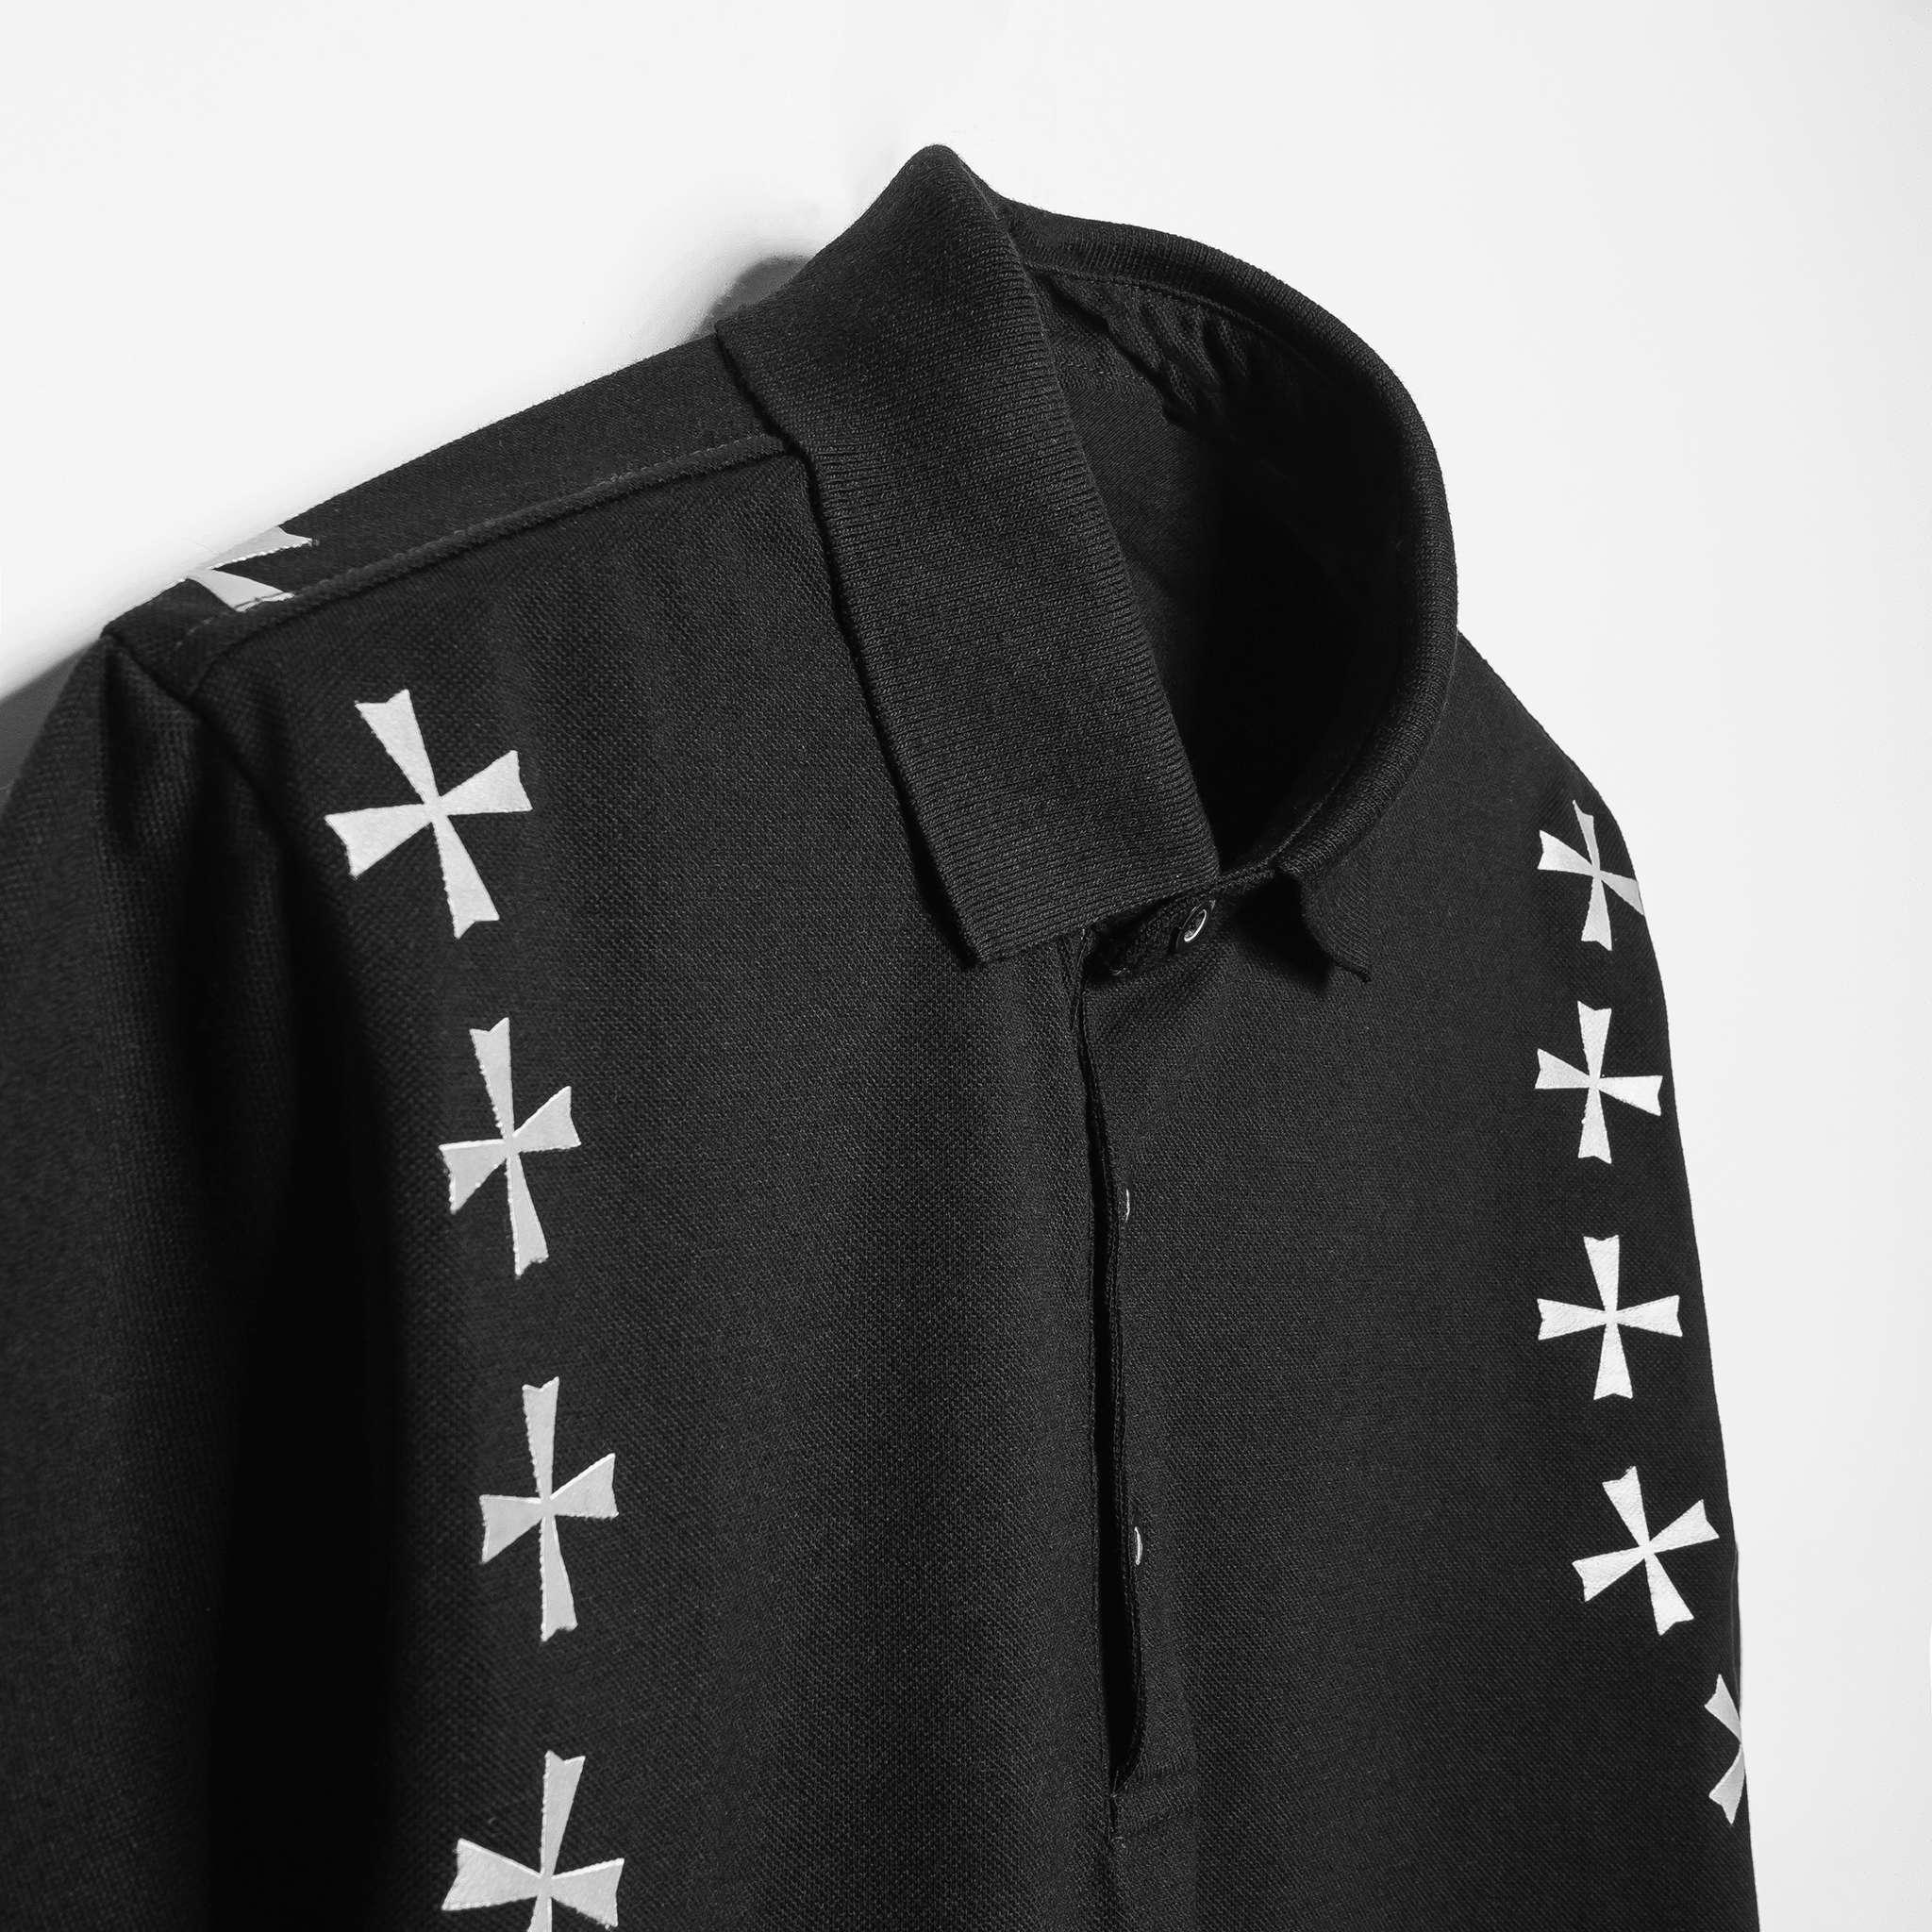 SP228 - Áo Polo Black Cross